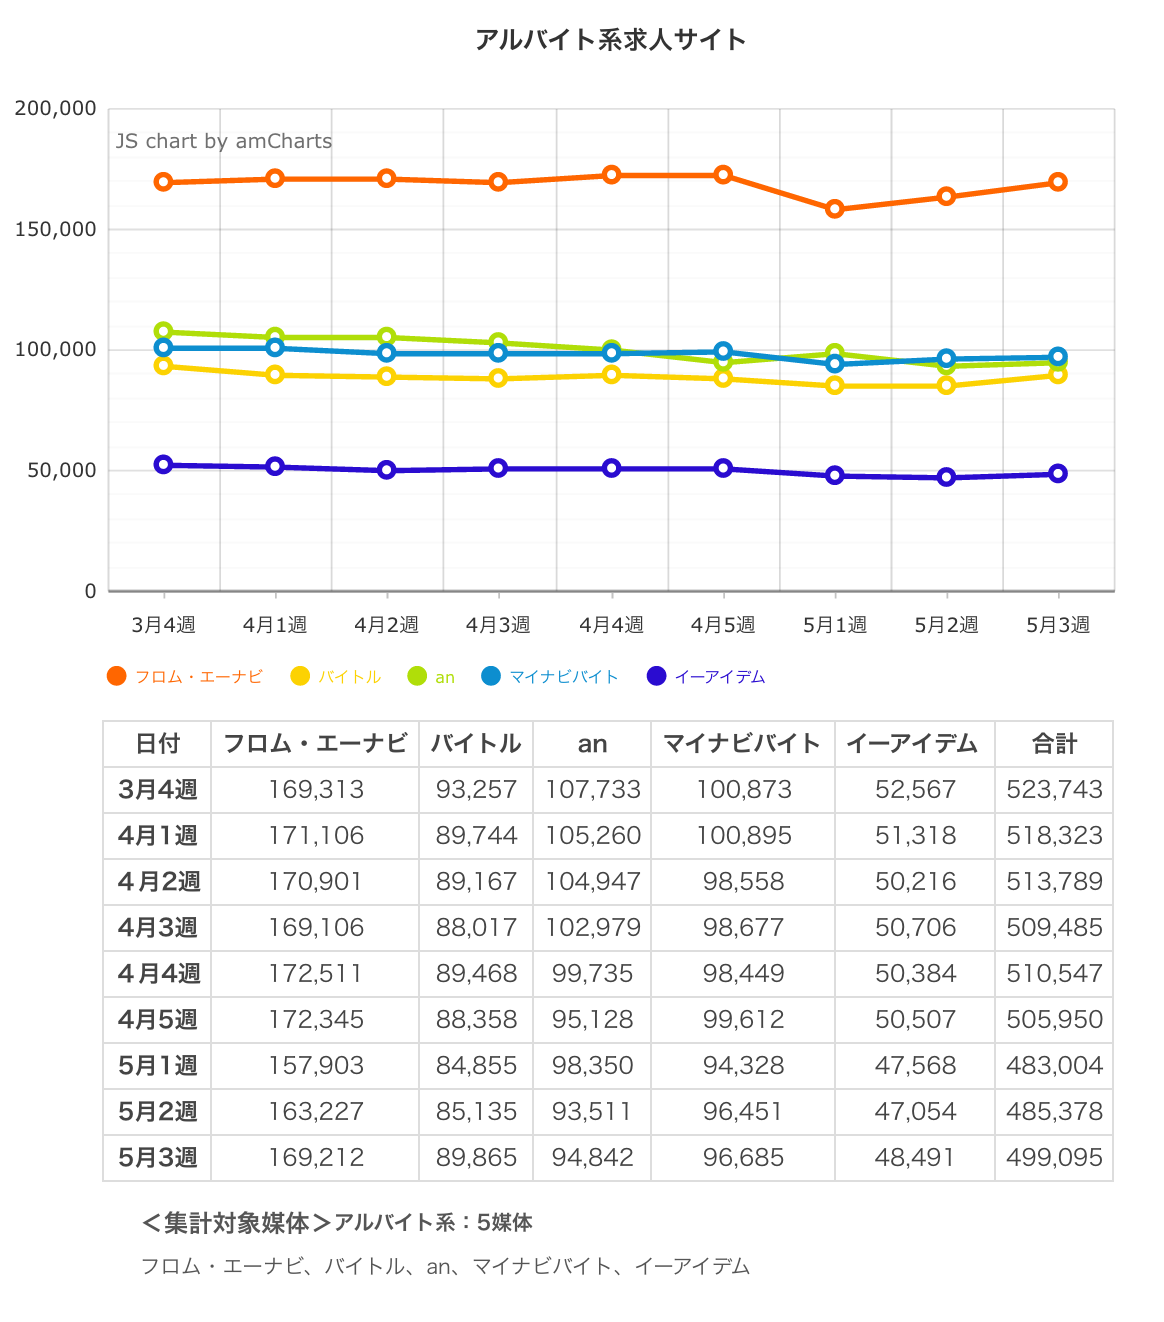 ウィークリー求人サイト掲載件数速報 2015年5月3週